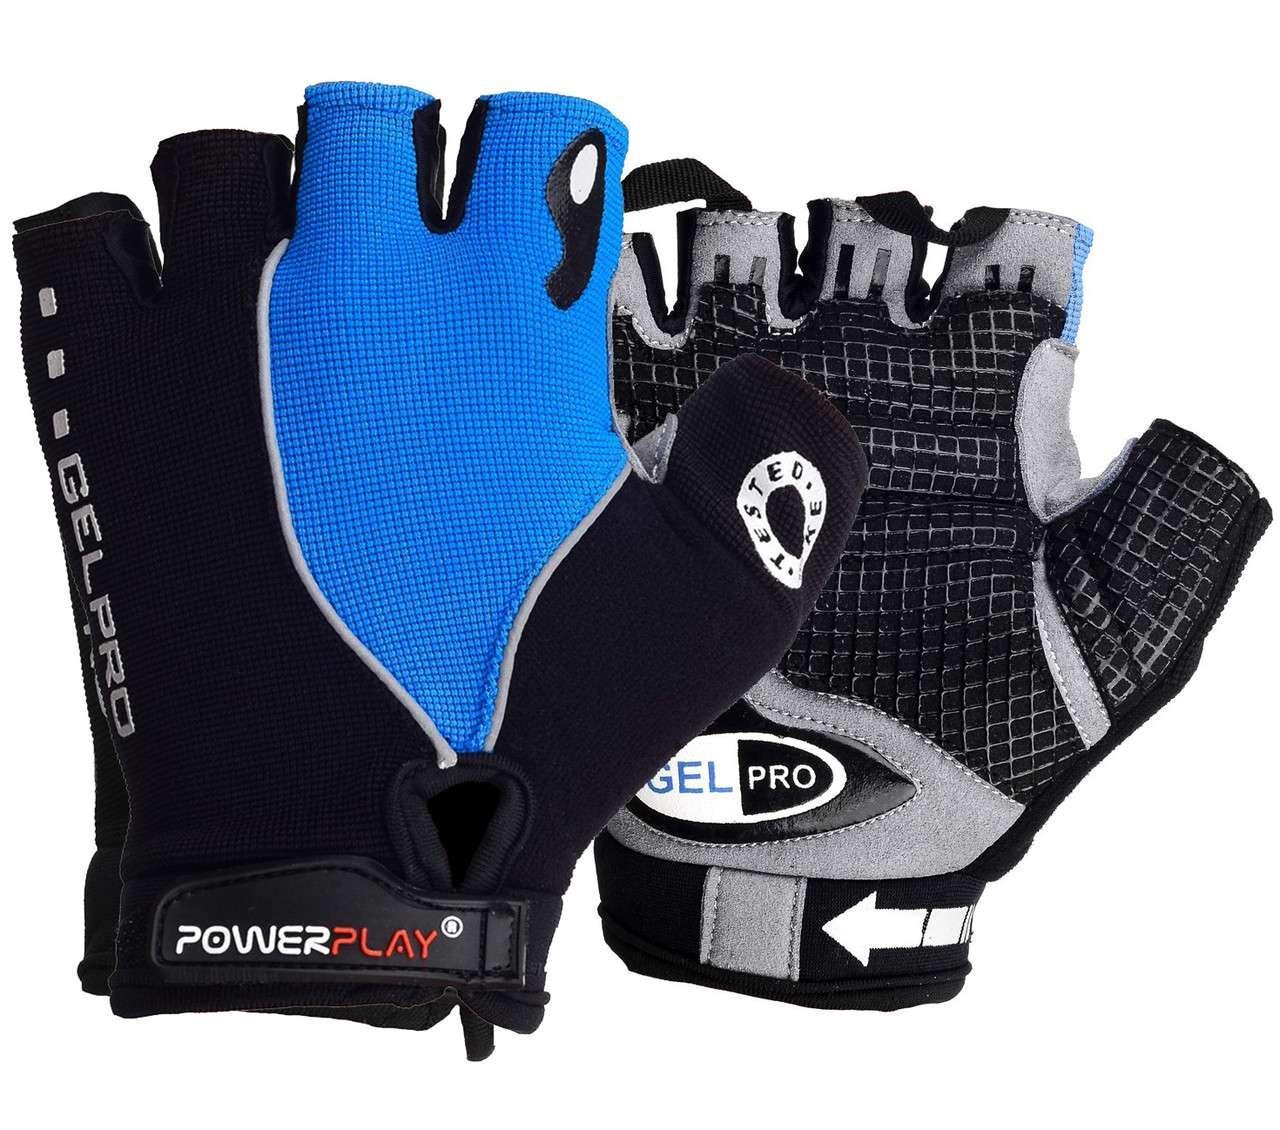 Велорукавички PowerPlay 5019 C Чорно-блакитні L - 144350